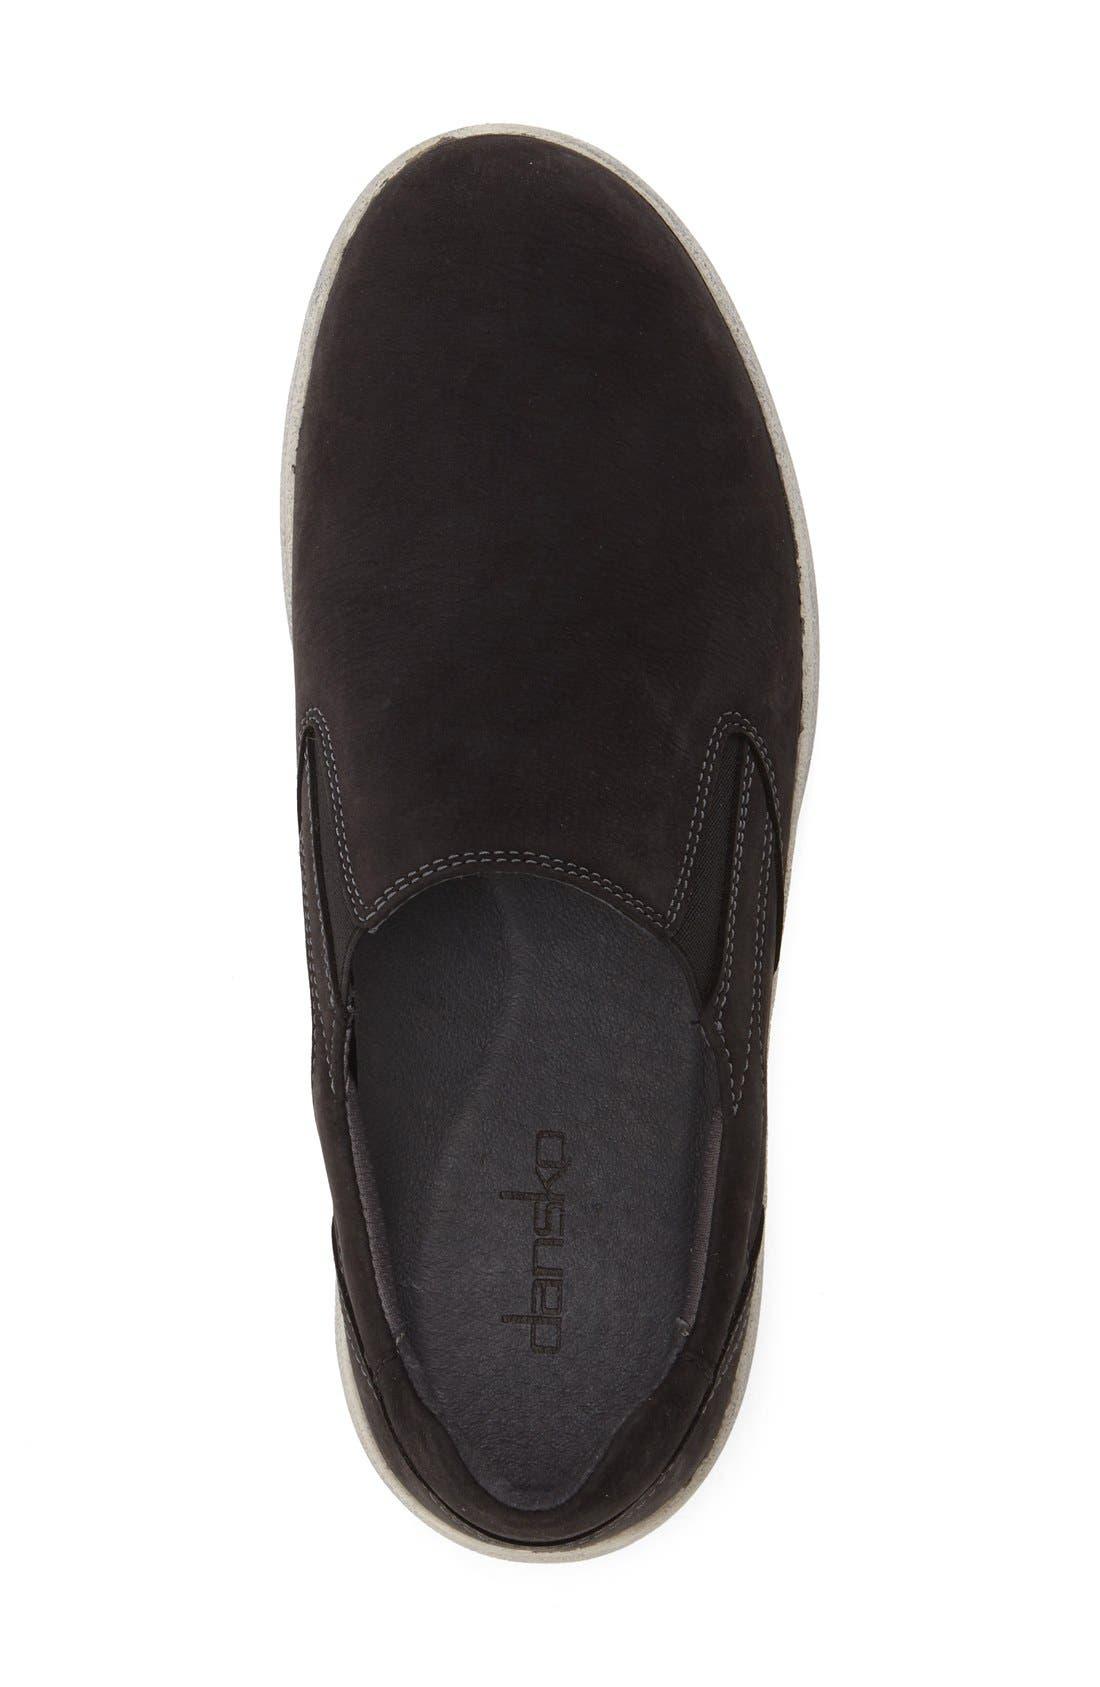 DANSKO, 'Viktor' Water Resistant Slip-On Sneaker, Alternate thumbnail 3, color, BLACK MILLED NUBUCK LEATHER